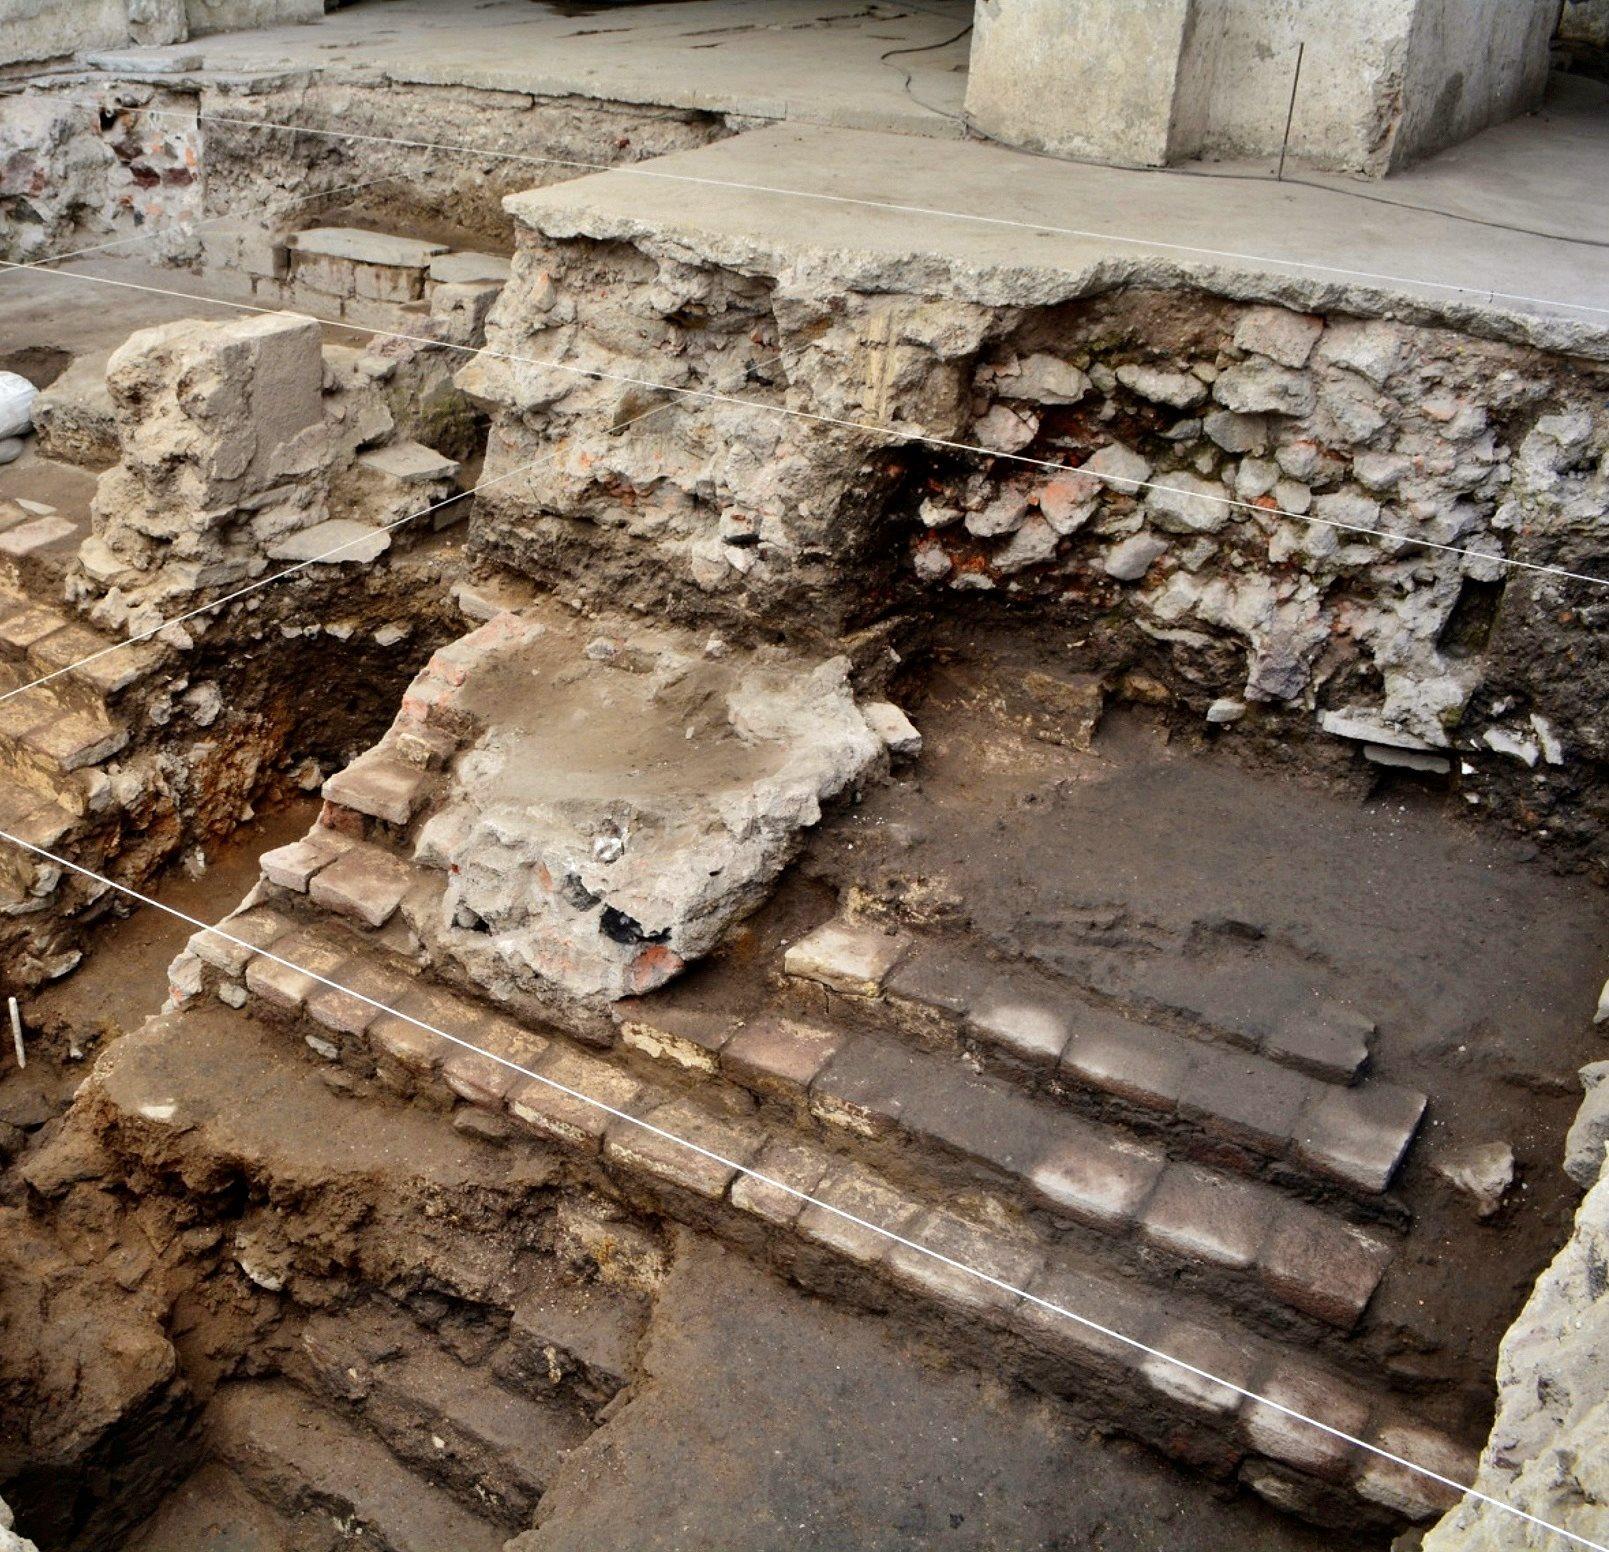 Descubierto el principal campo de juego de pelota de Tenochtitlán